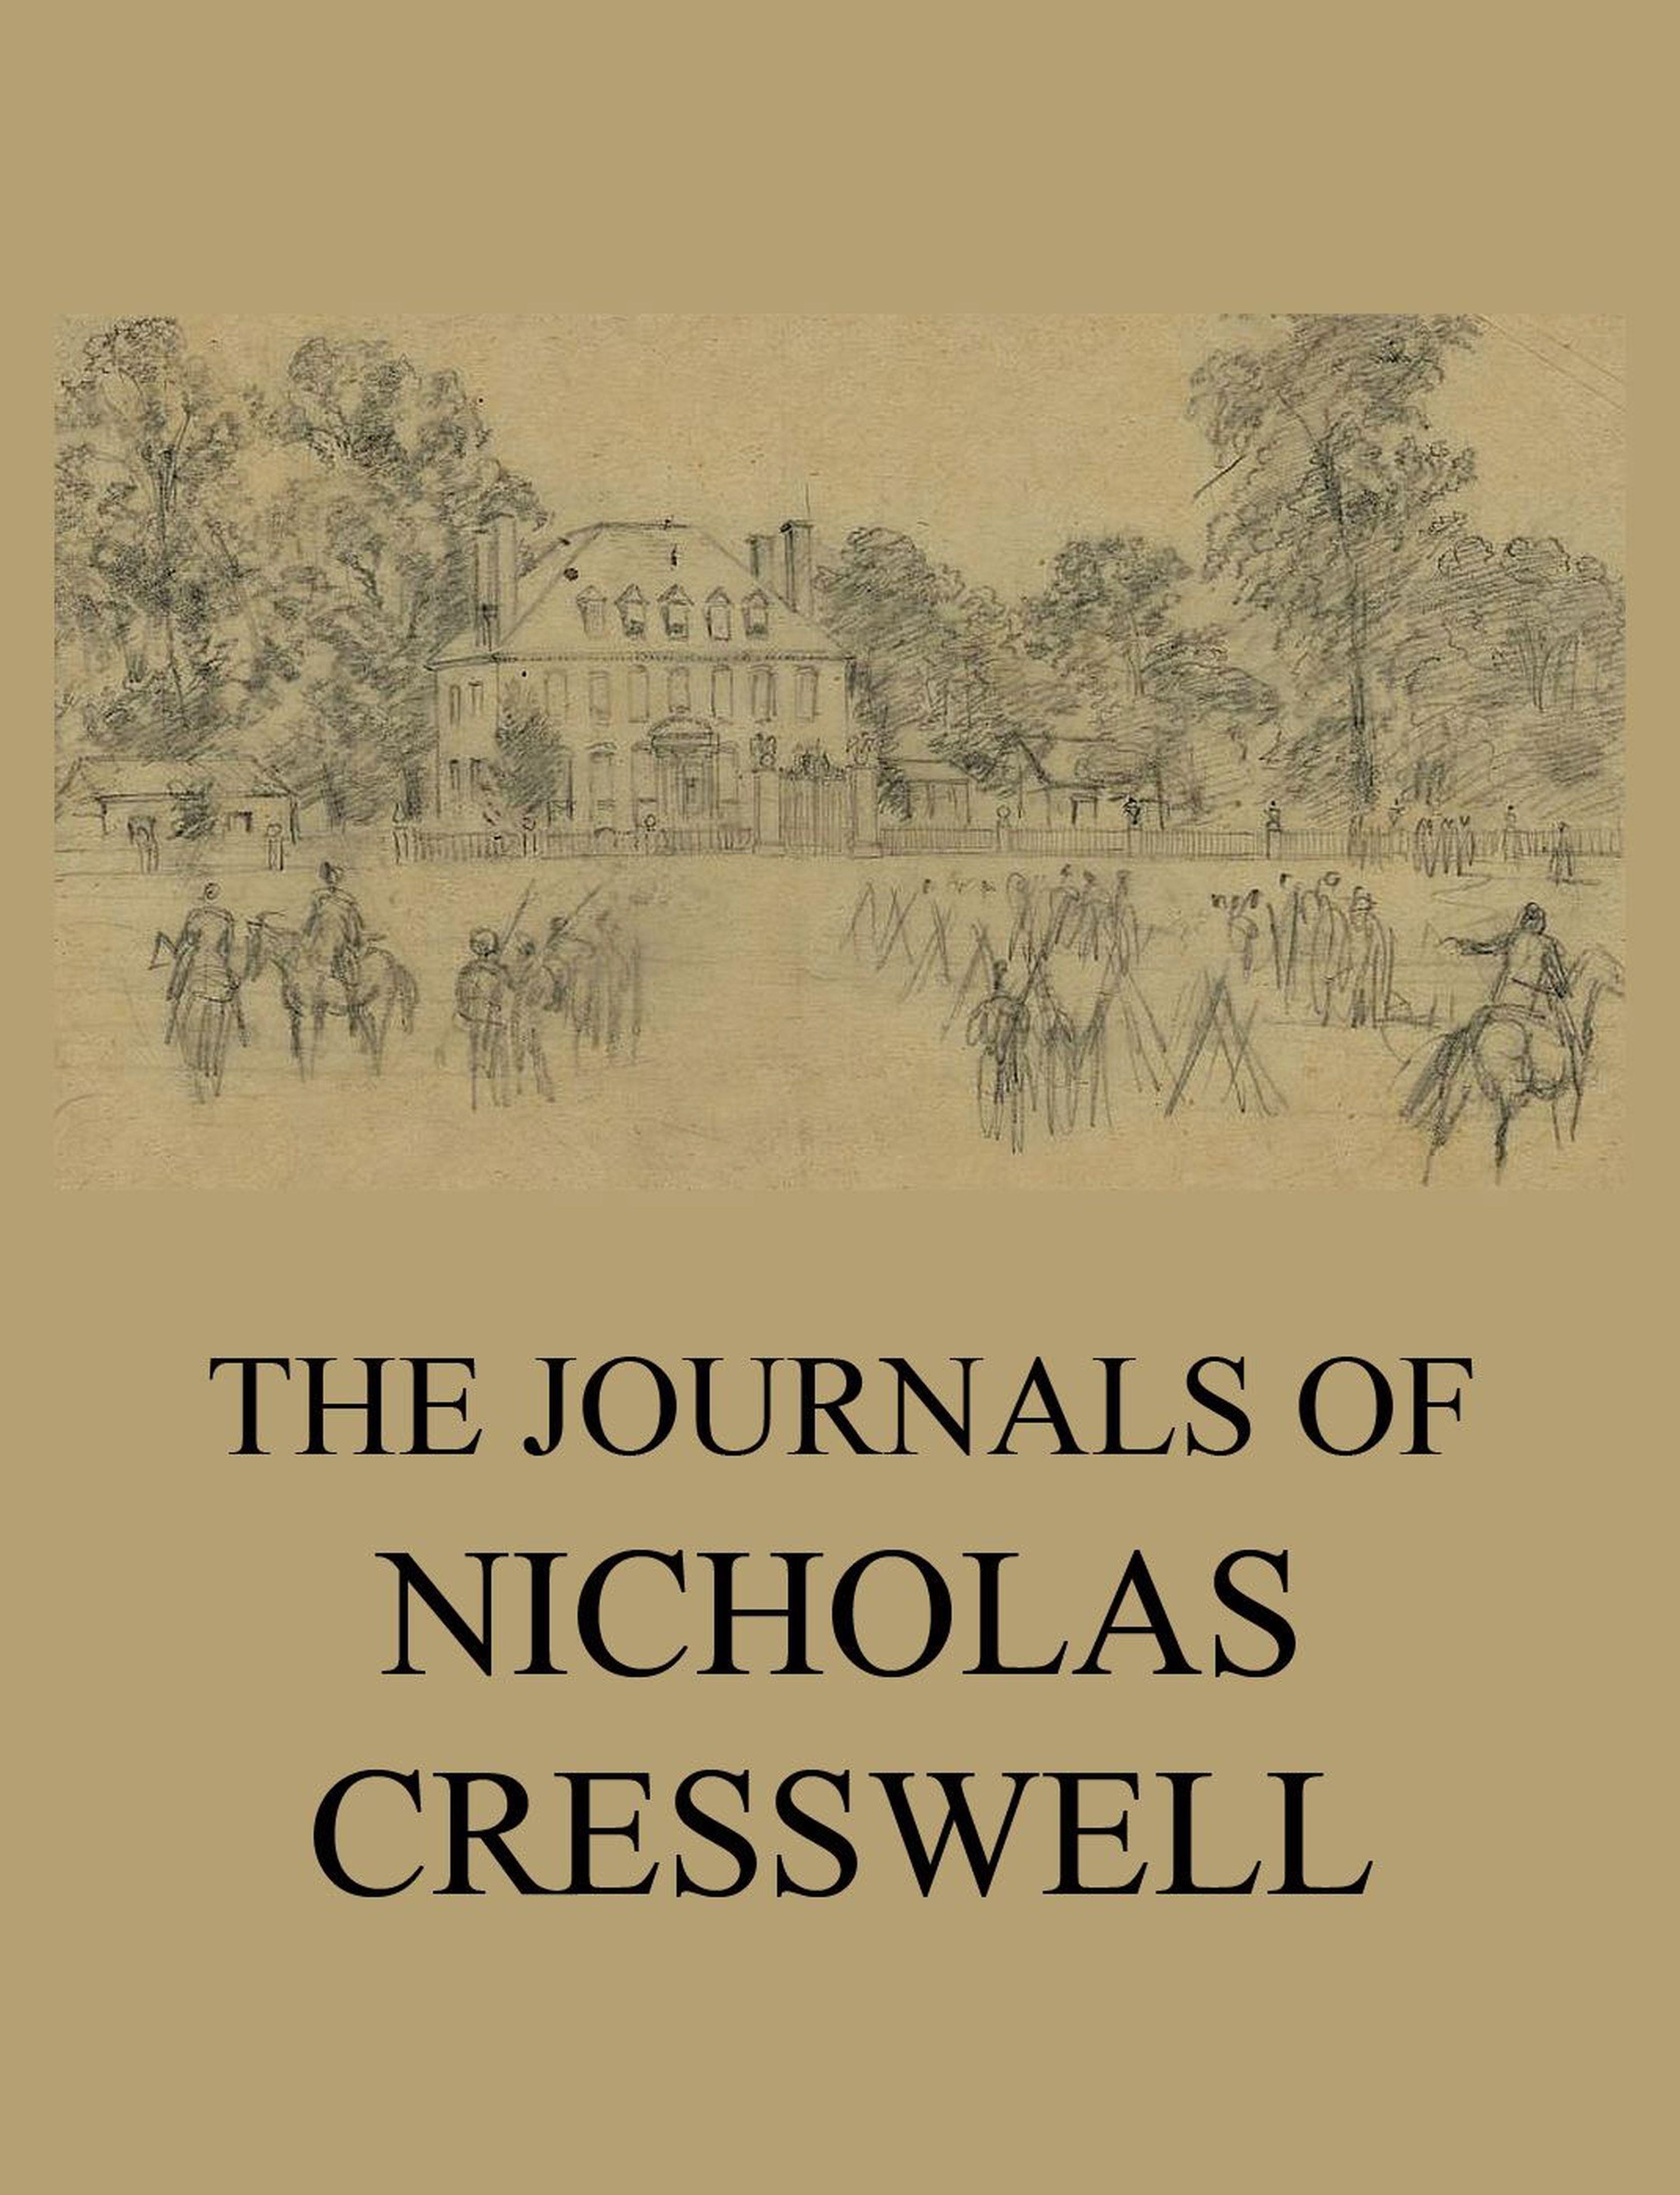 цены Nicholas Cresswell The Journals of Nicholas Cresswell